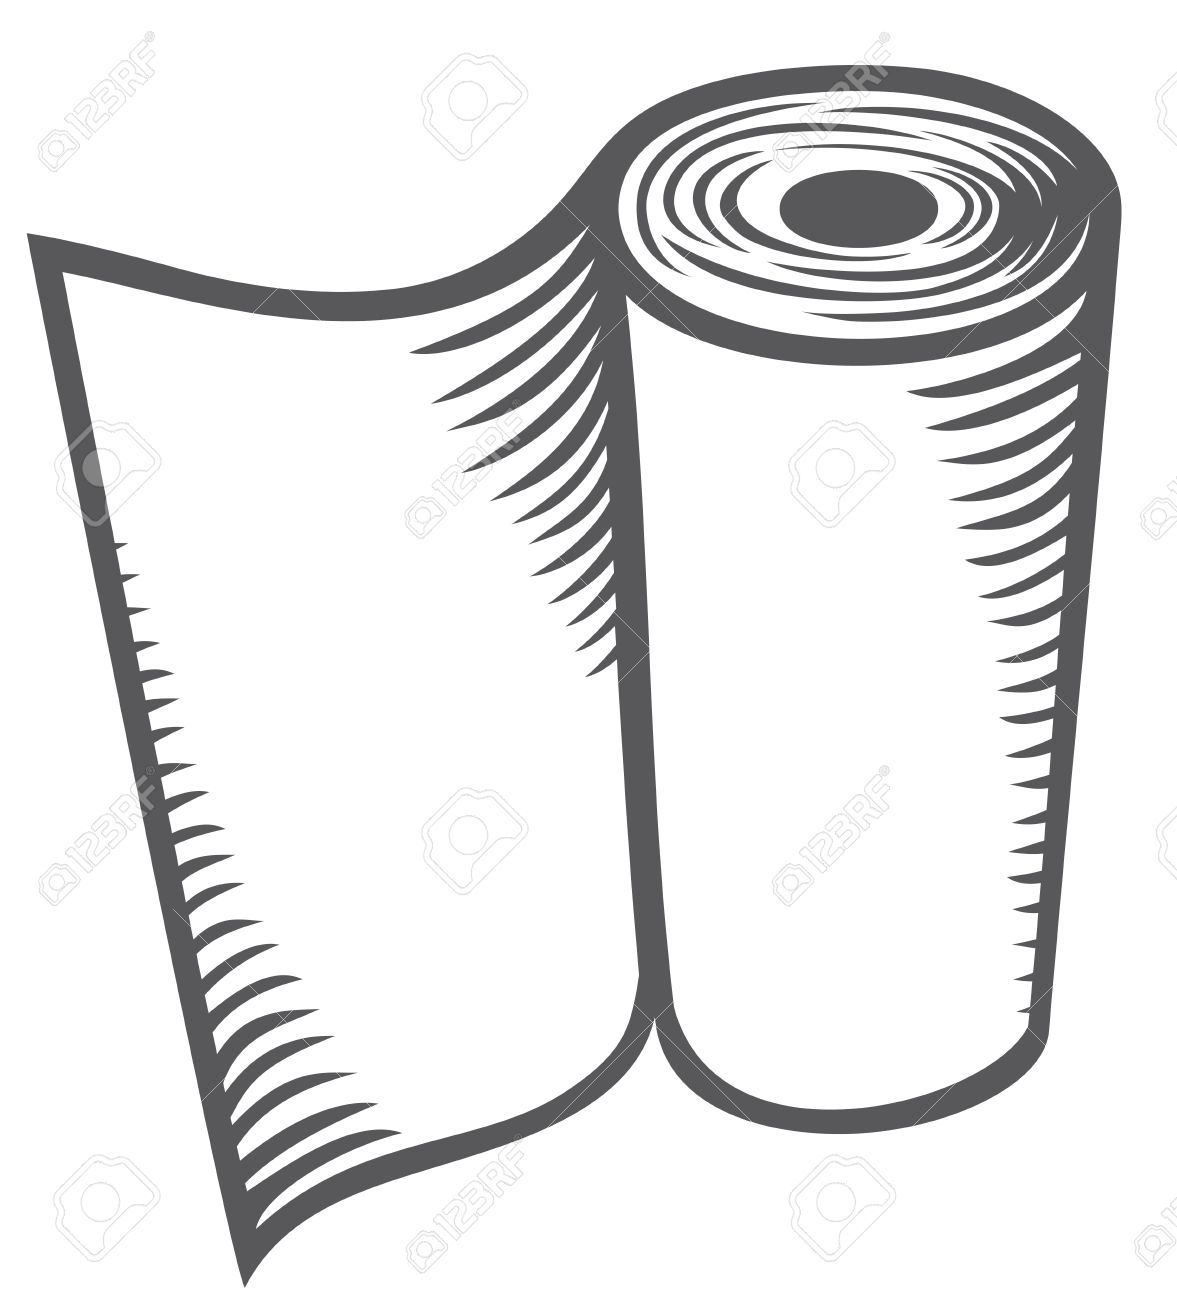 Paper towels clipart 8 » Clipart Portal.